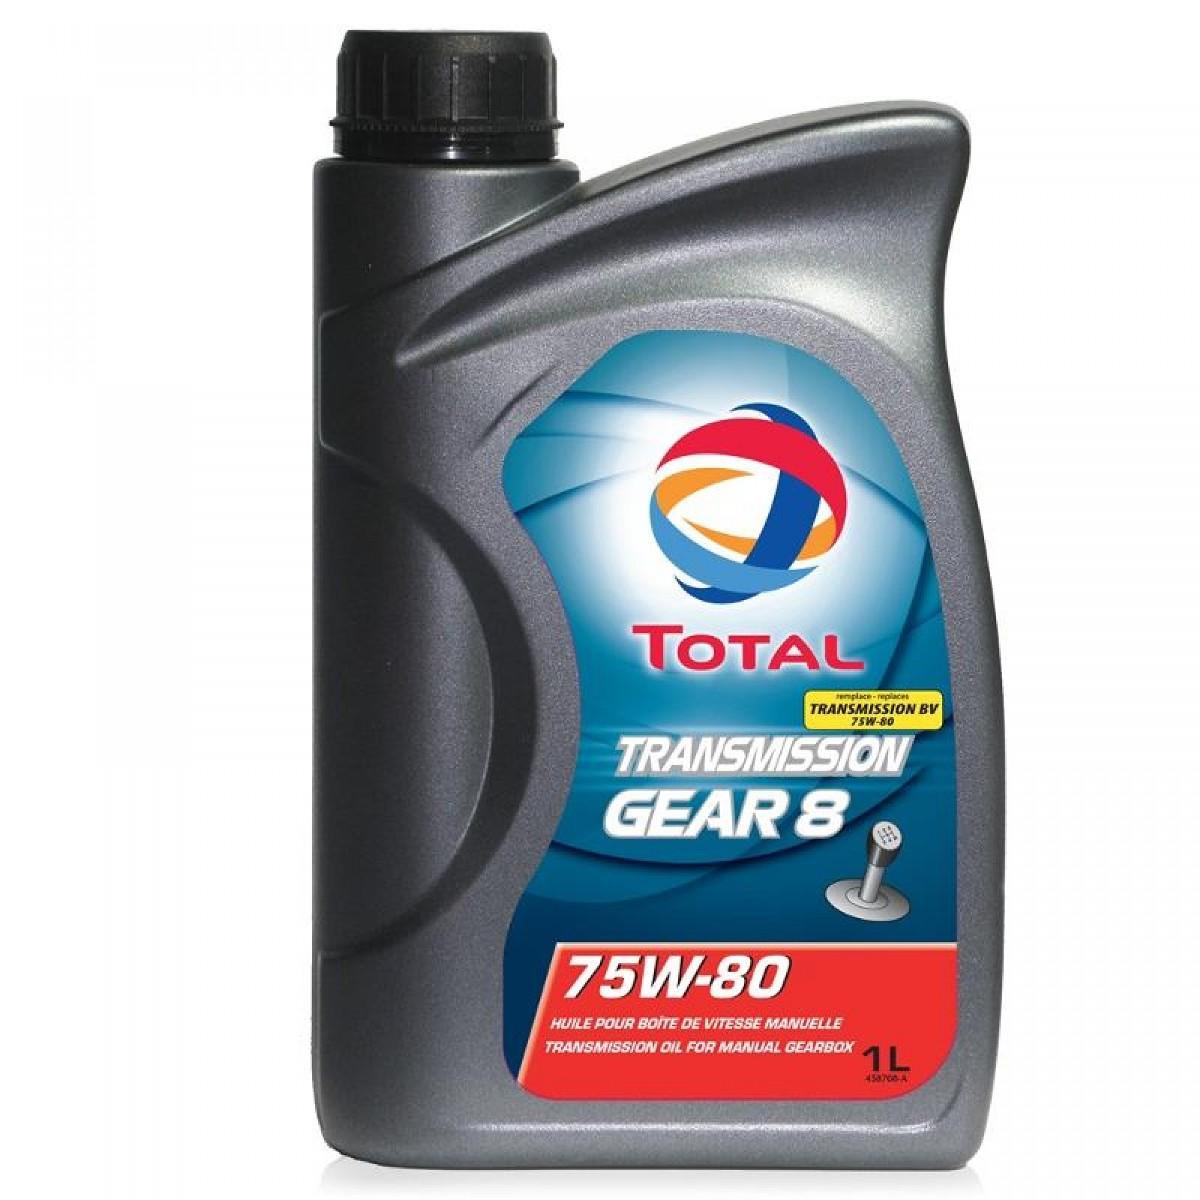 Трансмиссионное масло Total Transmission Gear 8 75W80, 1 л201278TOTAL TRANSMISSION GEAR 8 75W80 (TOTAL TRANSMISSION BV 75W80) Преимущества Всесезонное трансмиссионное масло с хорошей текучестью. Высокий индекс вязкости обеспечивает хорошее смазывание. Улучшенная термостабильность. Прекрасная текучесть при низких температурах облегчает работу узлов в холодное время и позволяет экономить топливо. Высокая стойкость к выдавливанию. Стабильность свойств при эксплуатации. Отличные противоизносные и антикоррозионные свойства. Легкое переключение передач, как при низких, так и при высоких температурах. Рекомендации по применению TOTAL Transmission Gear 8 75W80 специально разработано для применения в механических коробках передач легковых автомобилей. Одобрения: PSA PEUGEOT CITROEN B71 2330